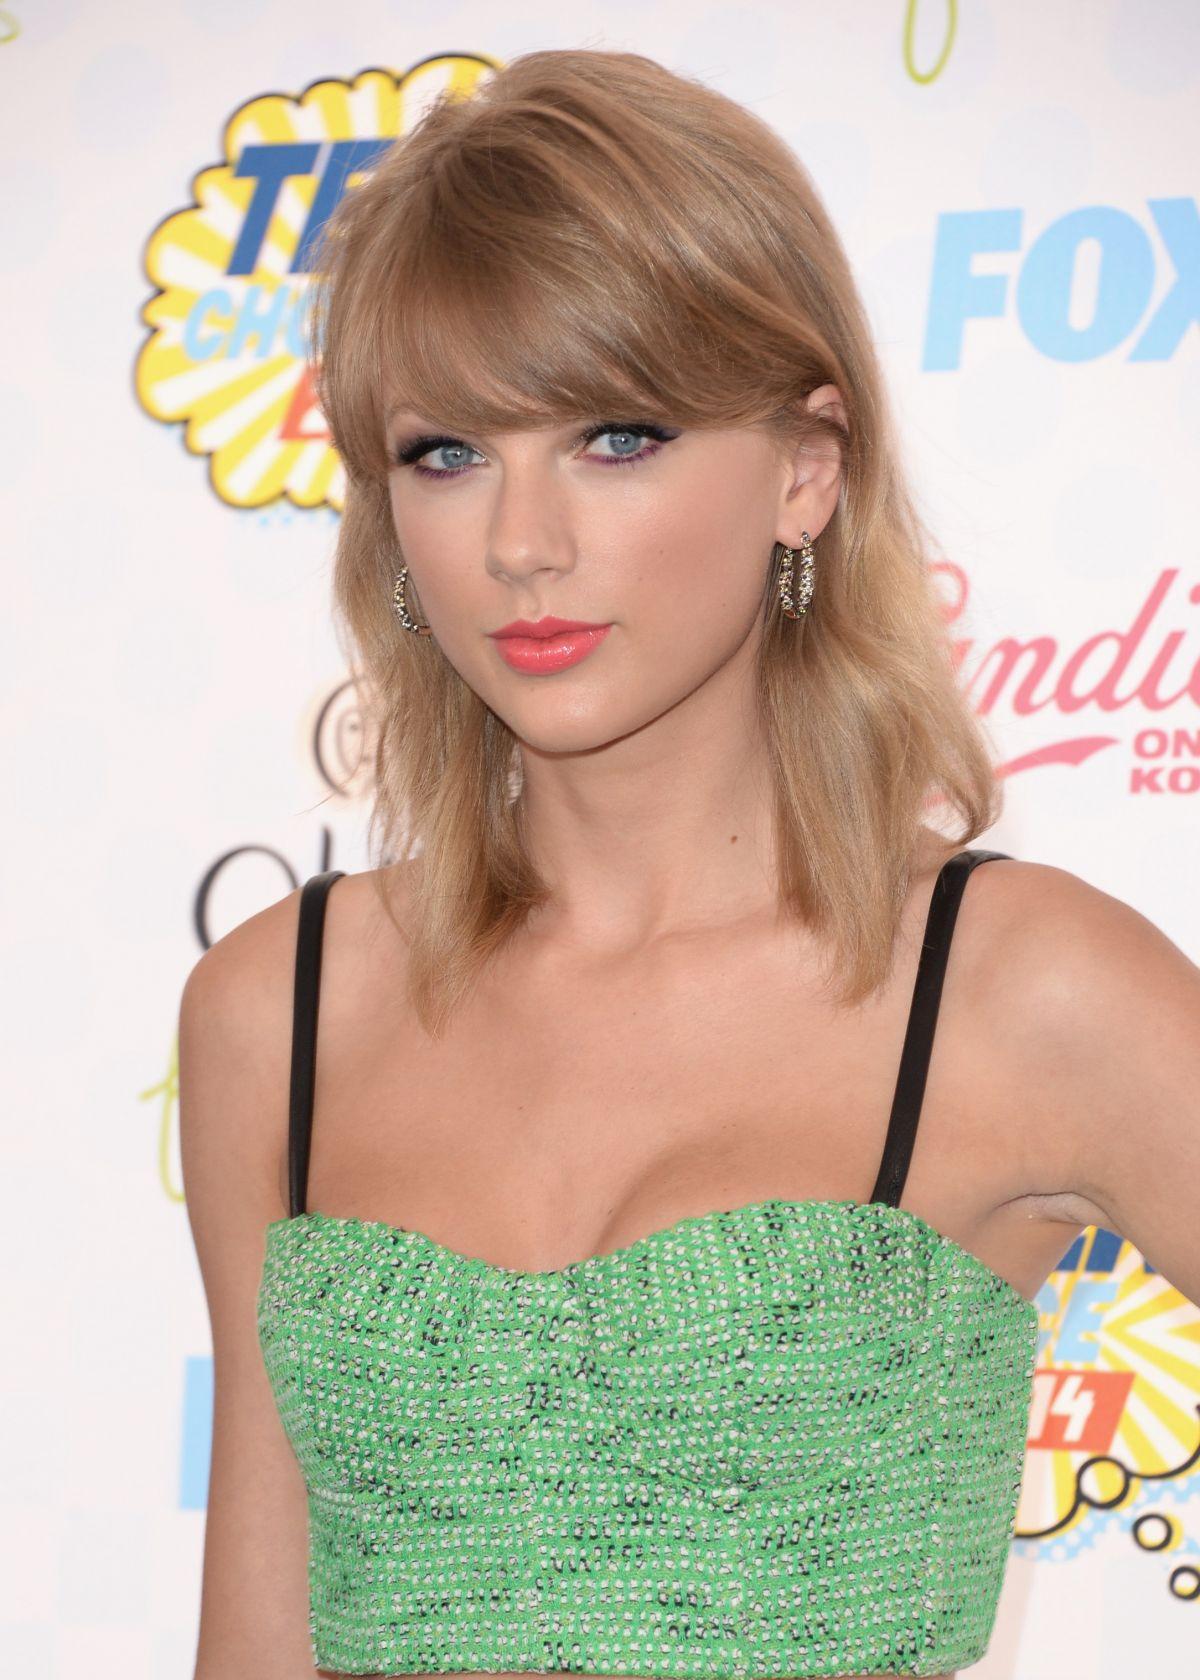 Taylor Teen 73